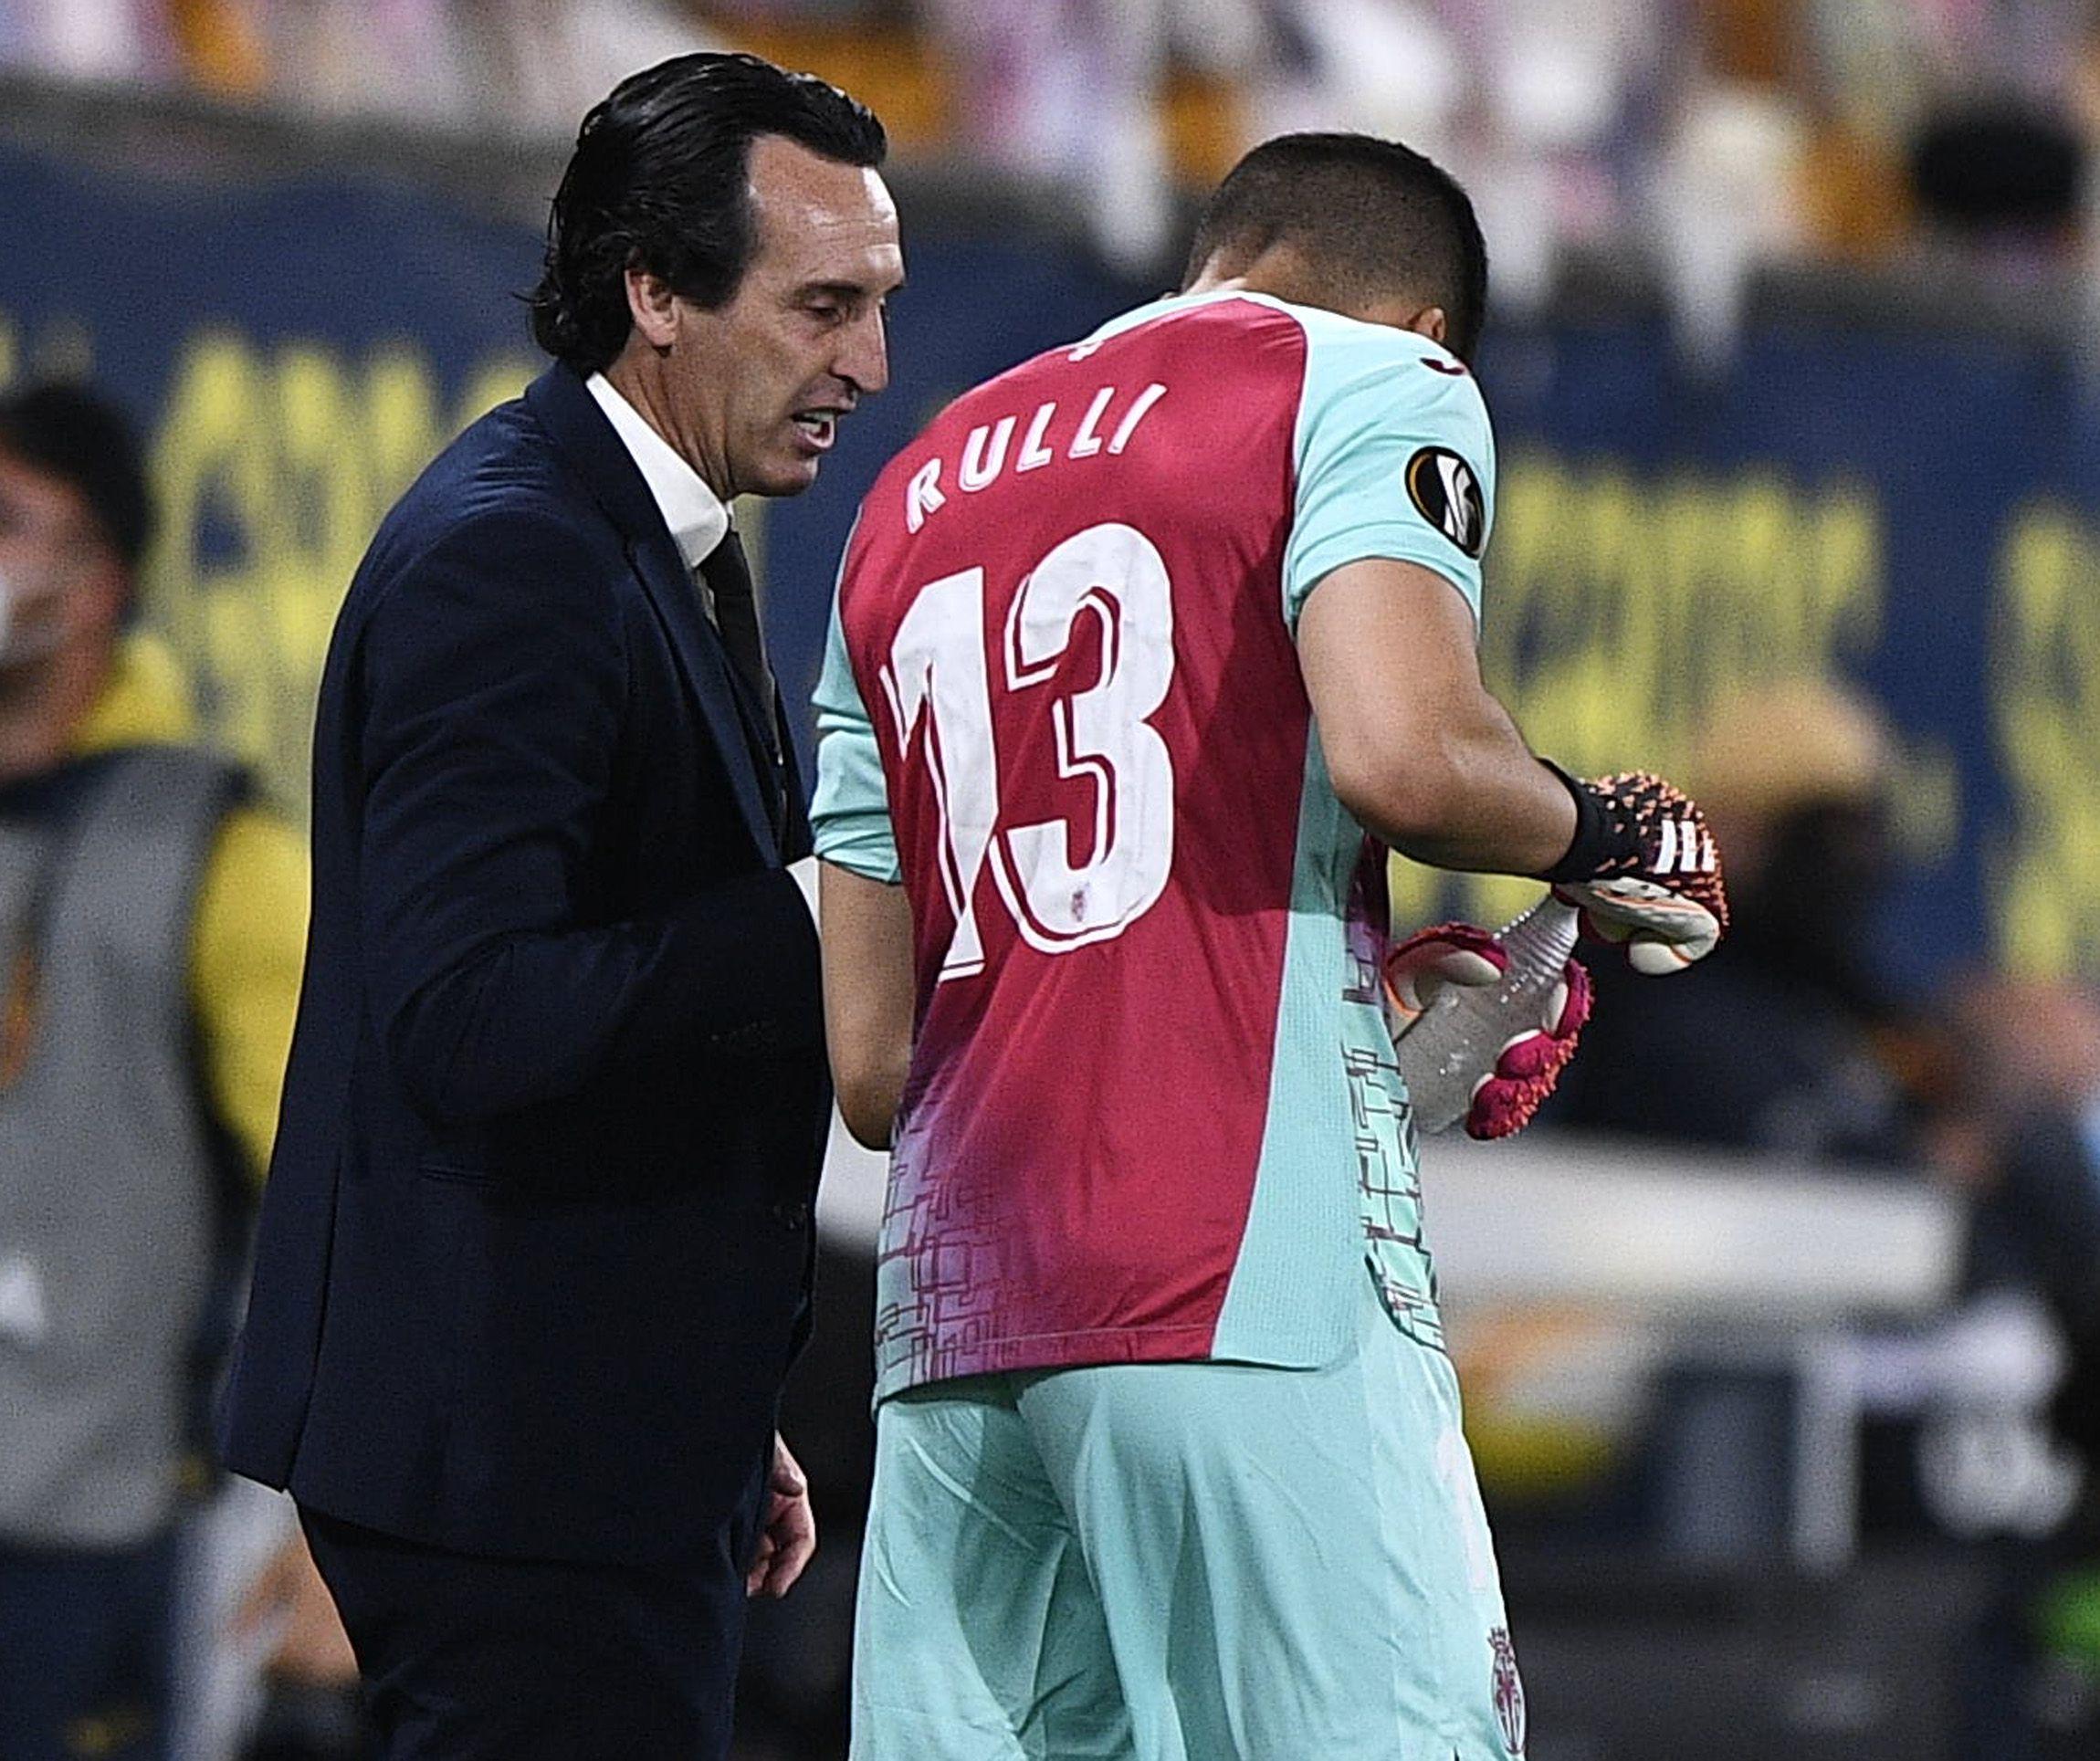 Unai Emery con el arquero argentino Jerónimo Rulli, quien fue el héroe de los penales en la final frente al Manchester United.